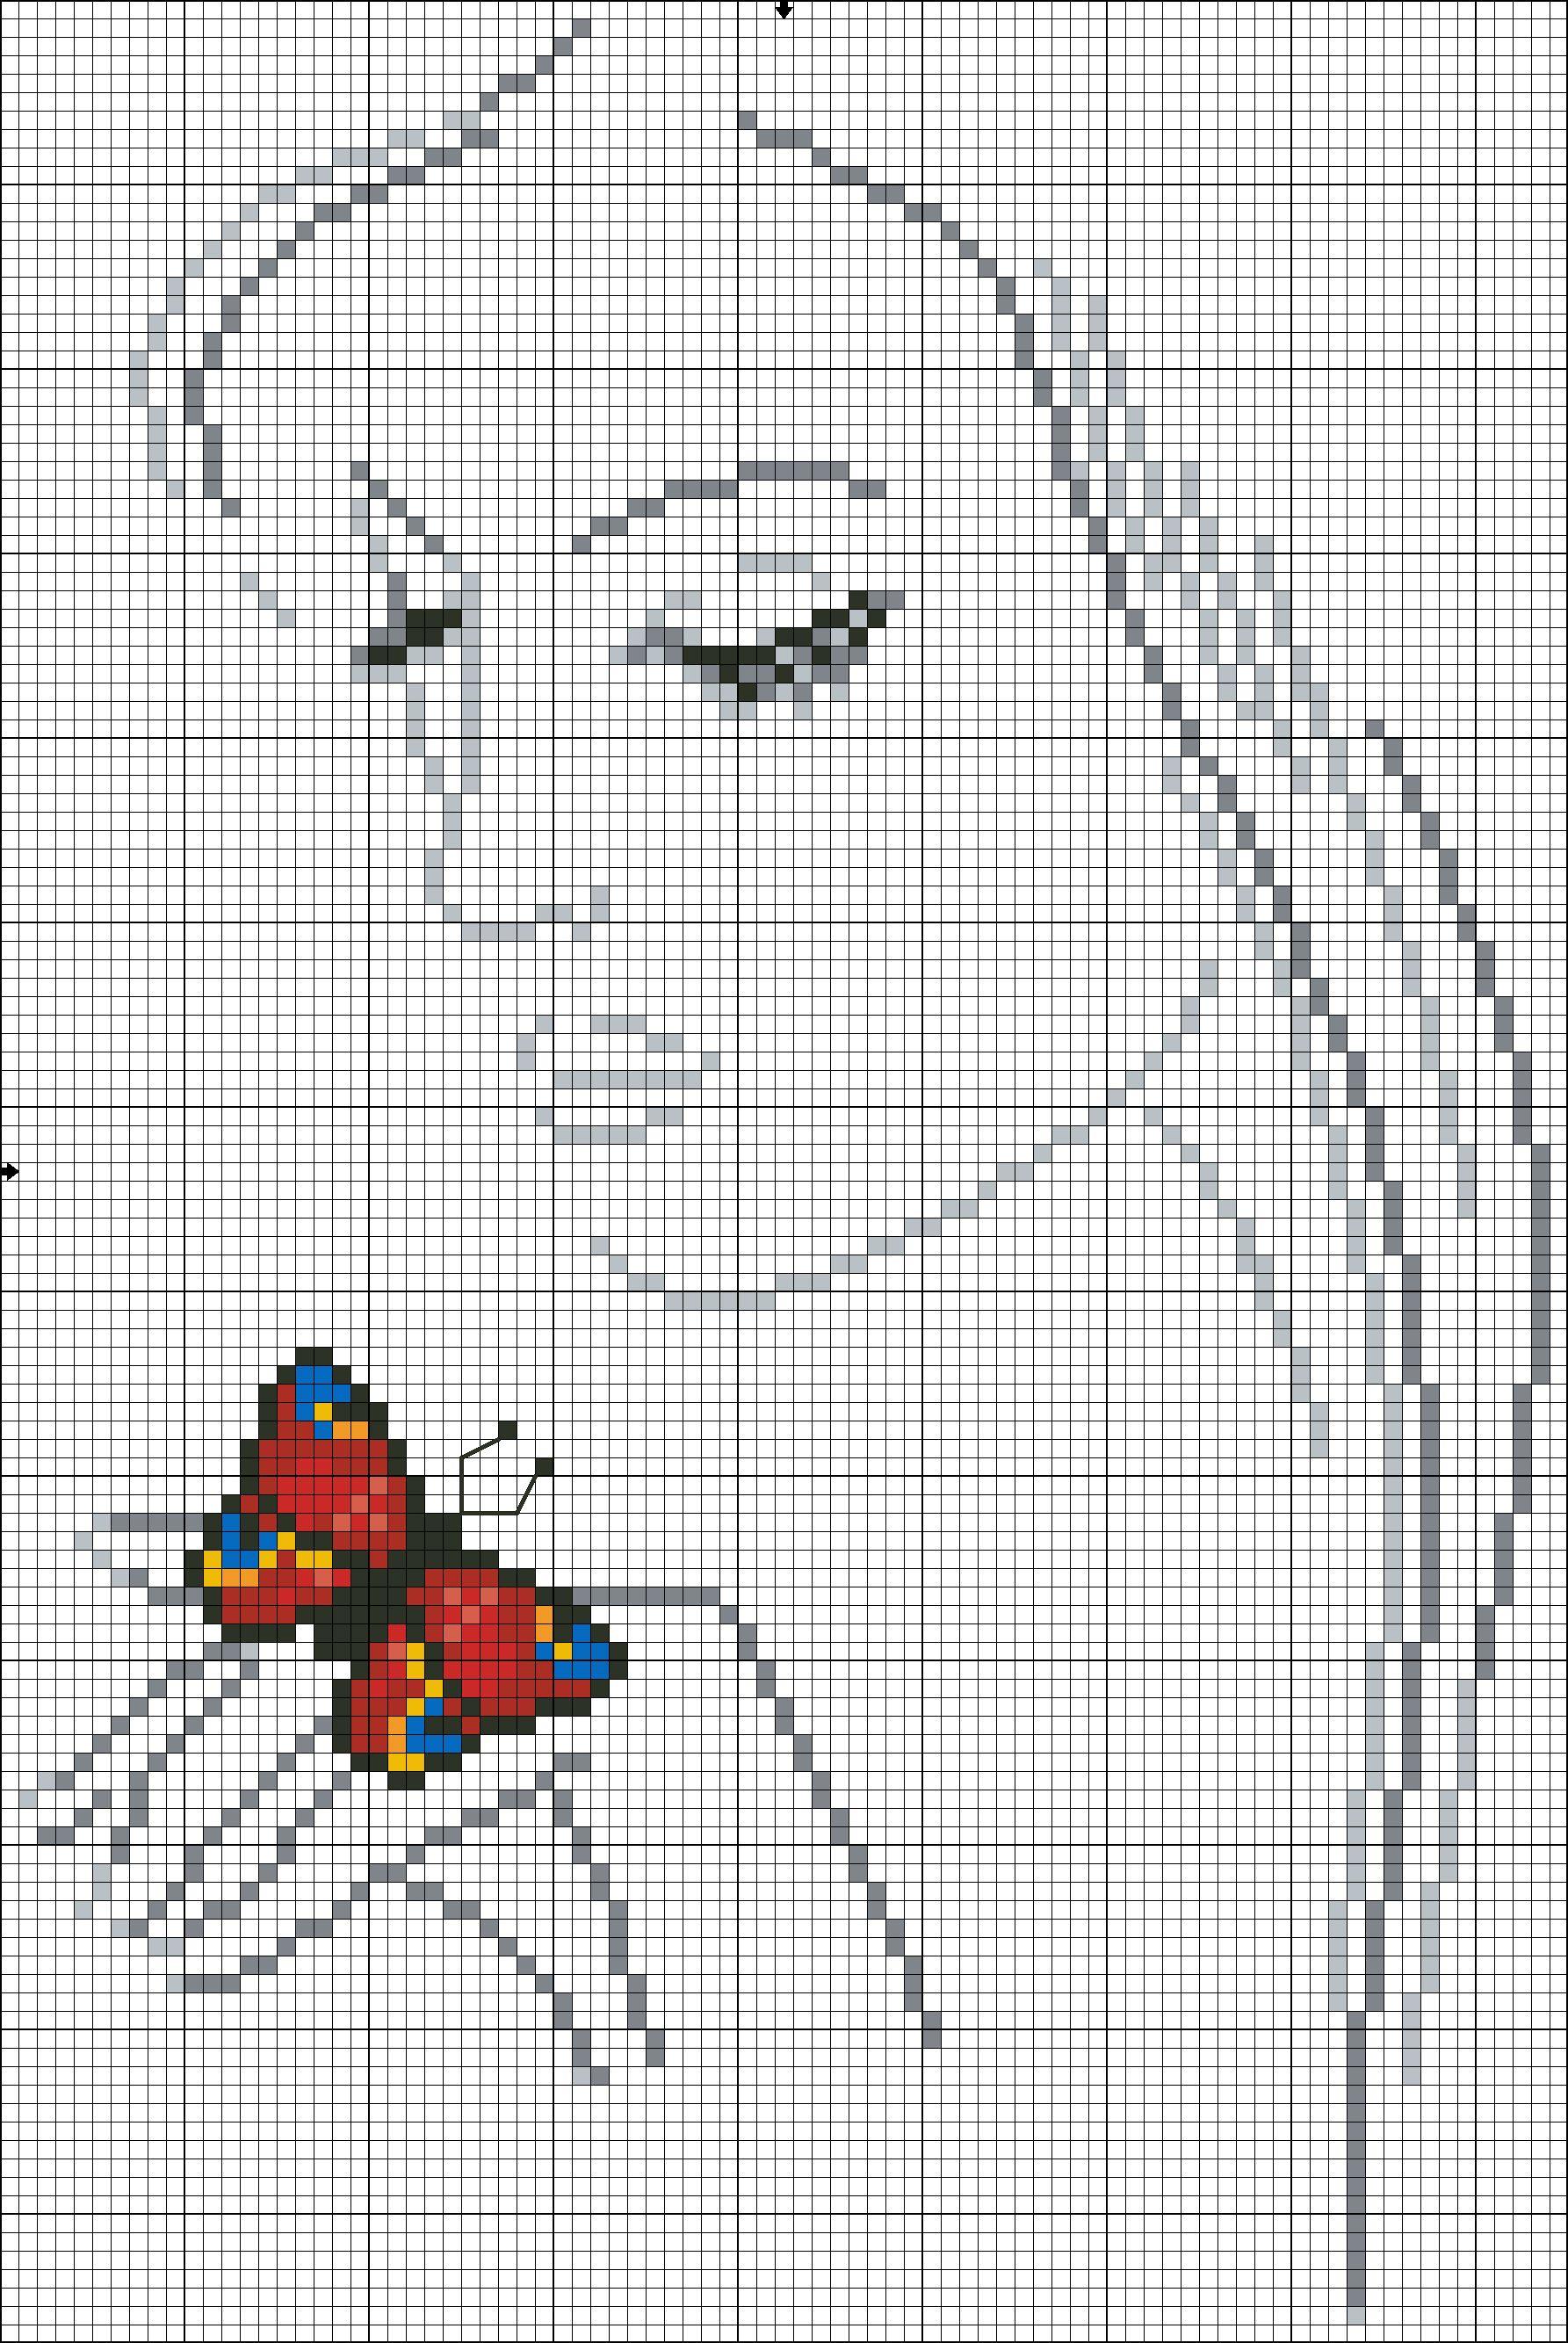 Монохромная вышивка схемы портреты